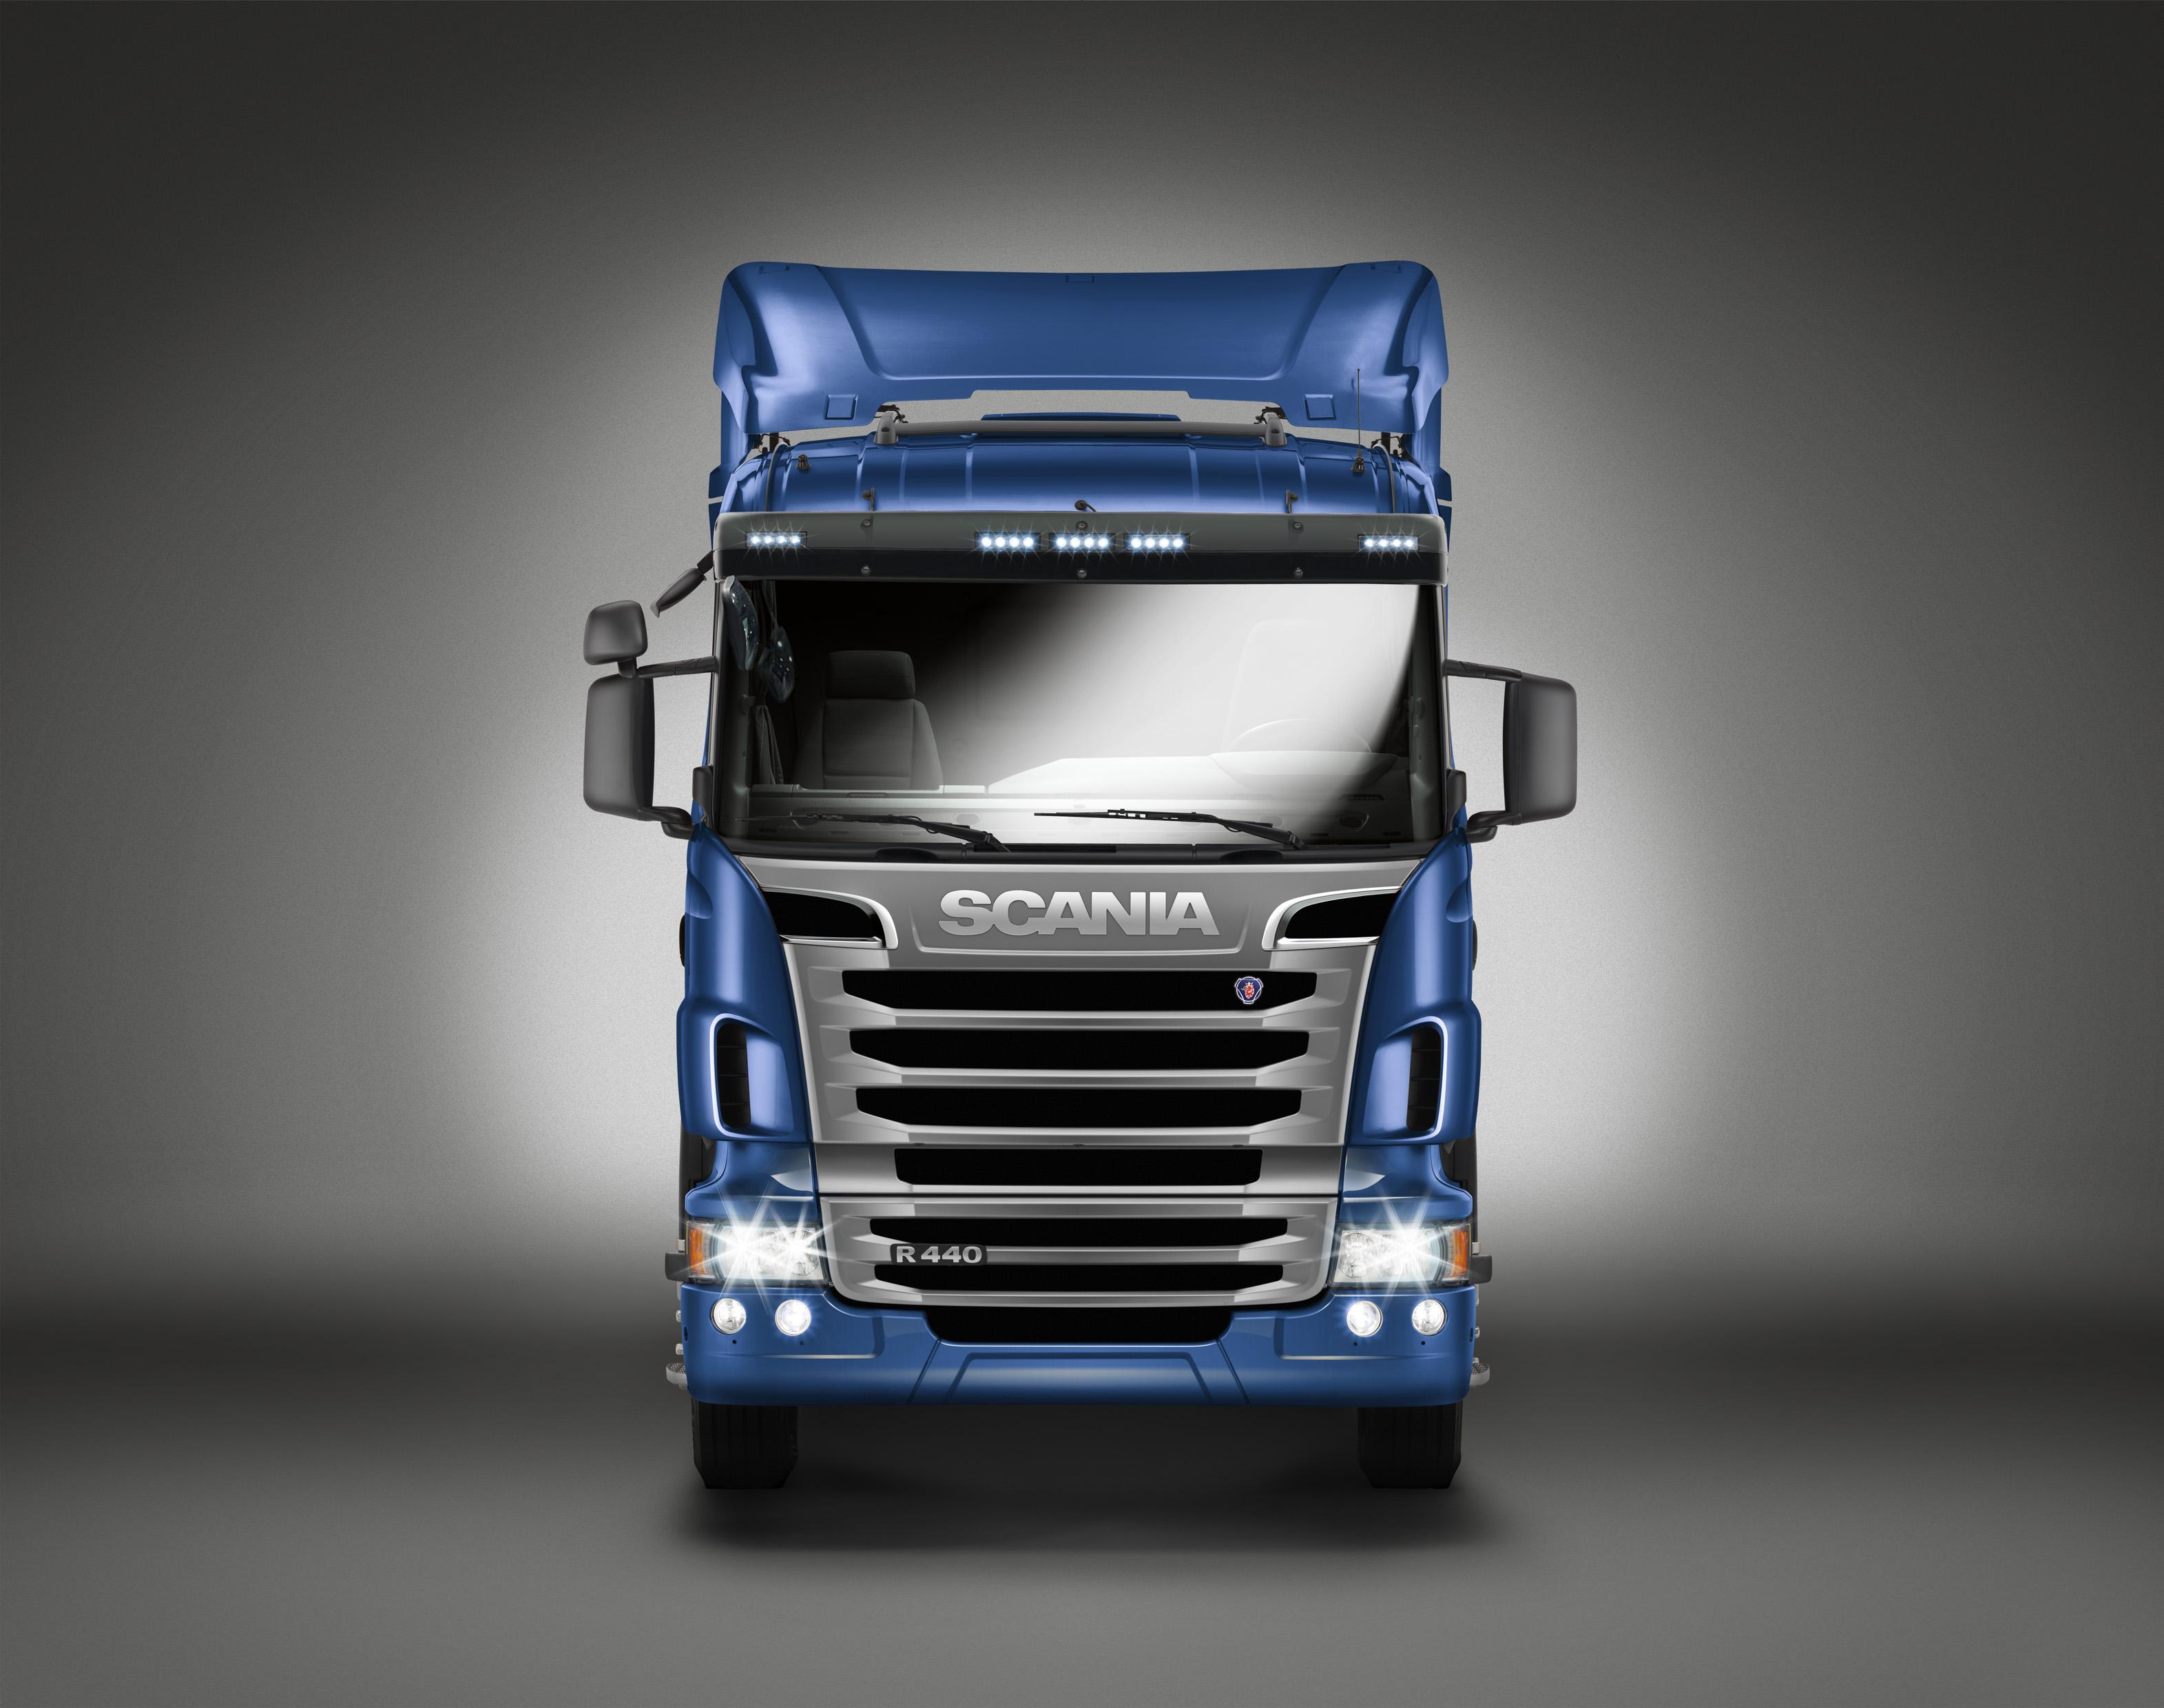 Em comemoração aos 55 anos de Brasil, Scania lança edição especial